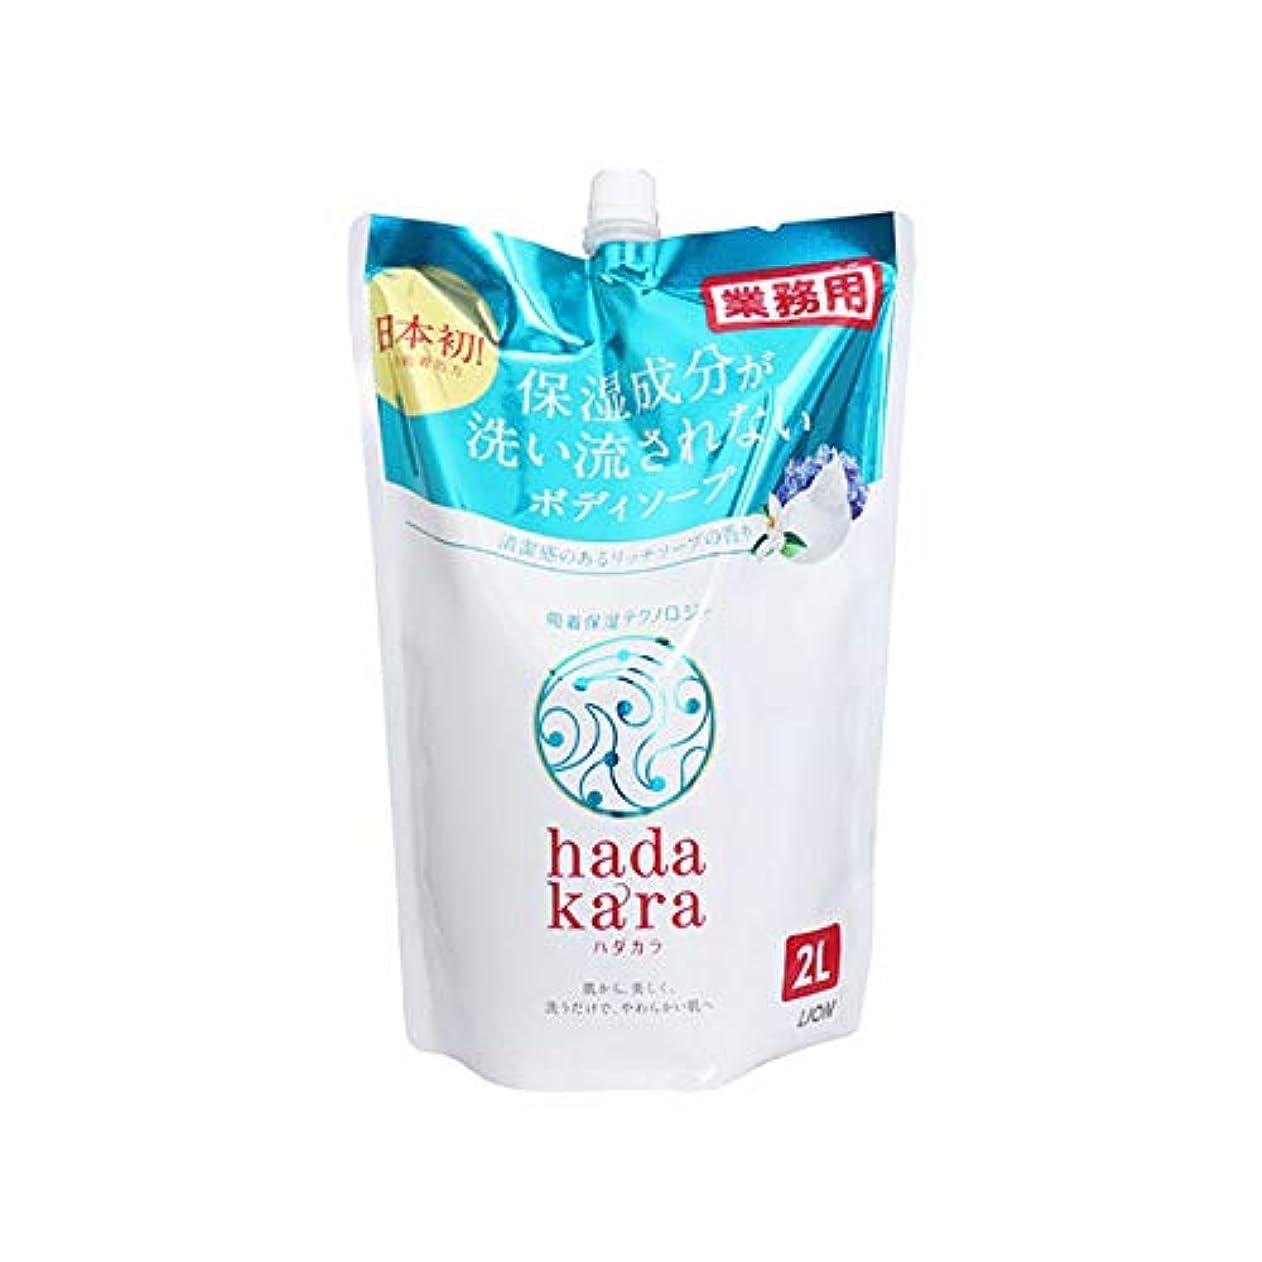 雄弁限定きゅうり業務用 ボディーソープ ハダカラ hadakara ボディソープ リッチソープの香り 2LX6本 ライオン